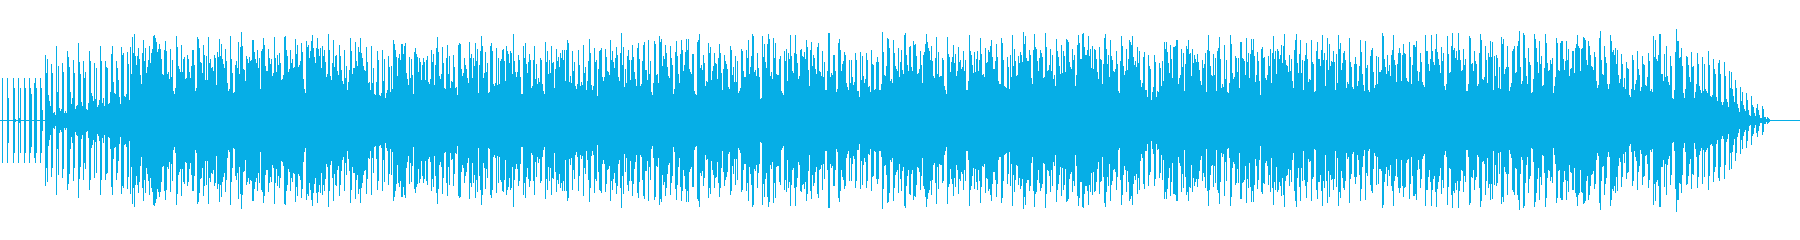 癒しの曲。の再生済みの波形